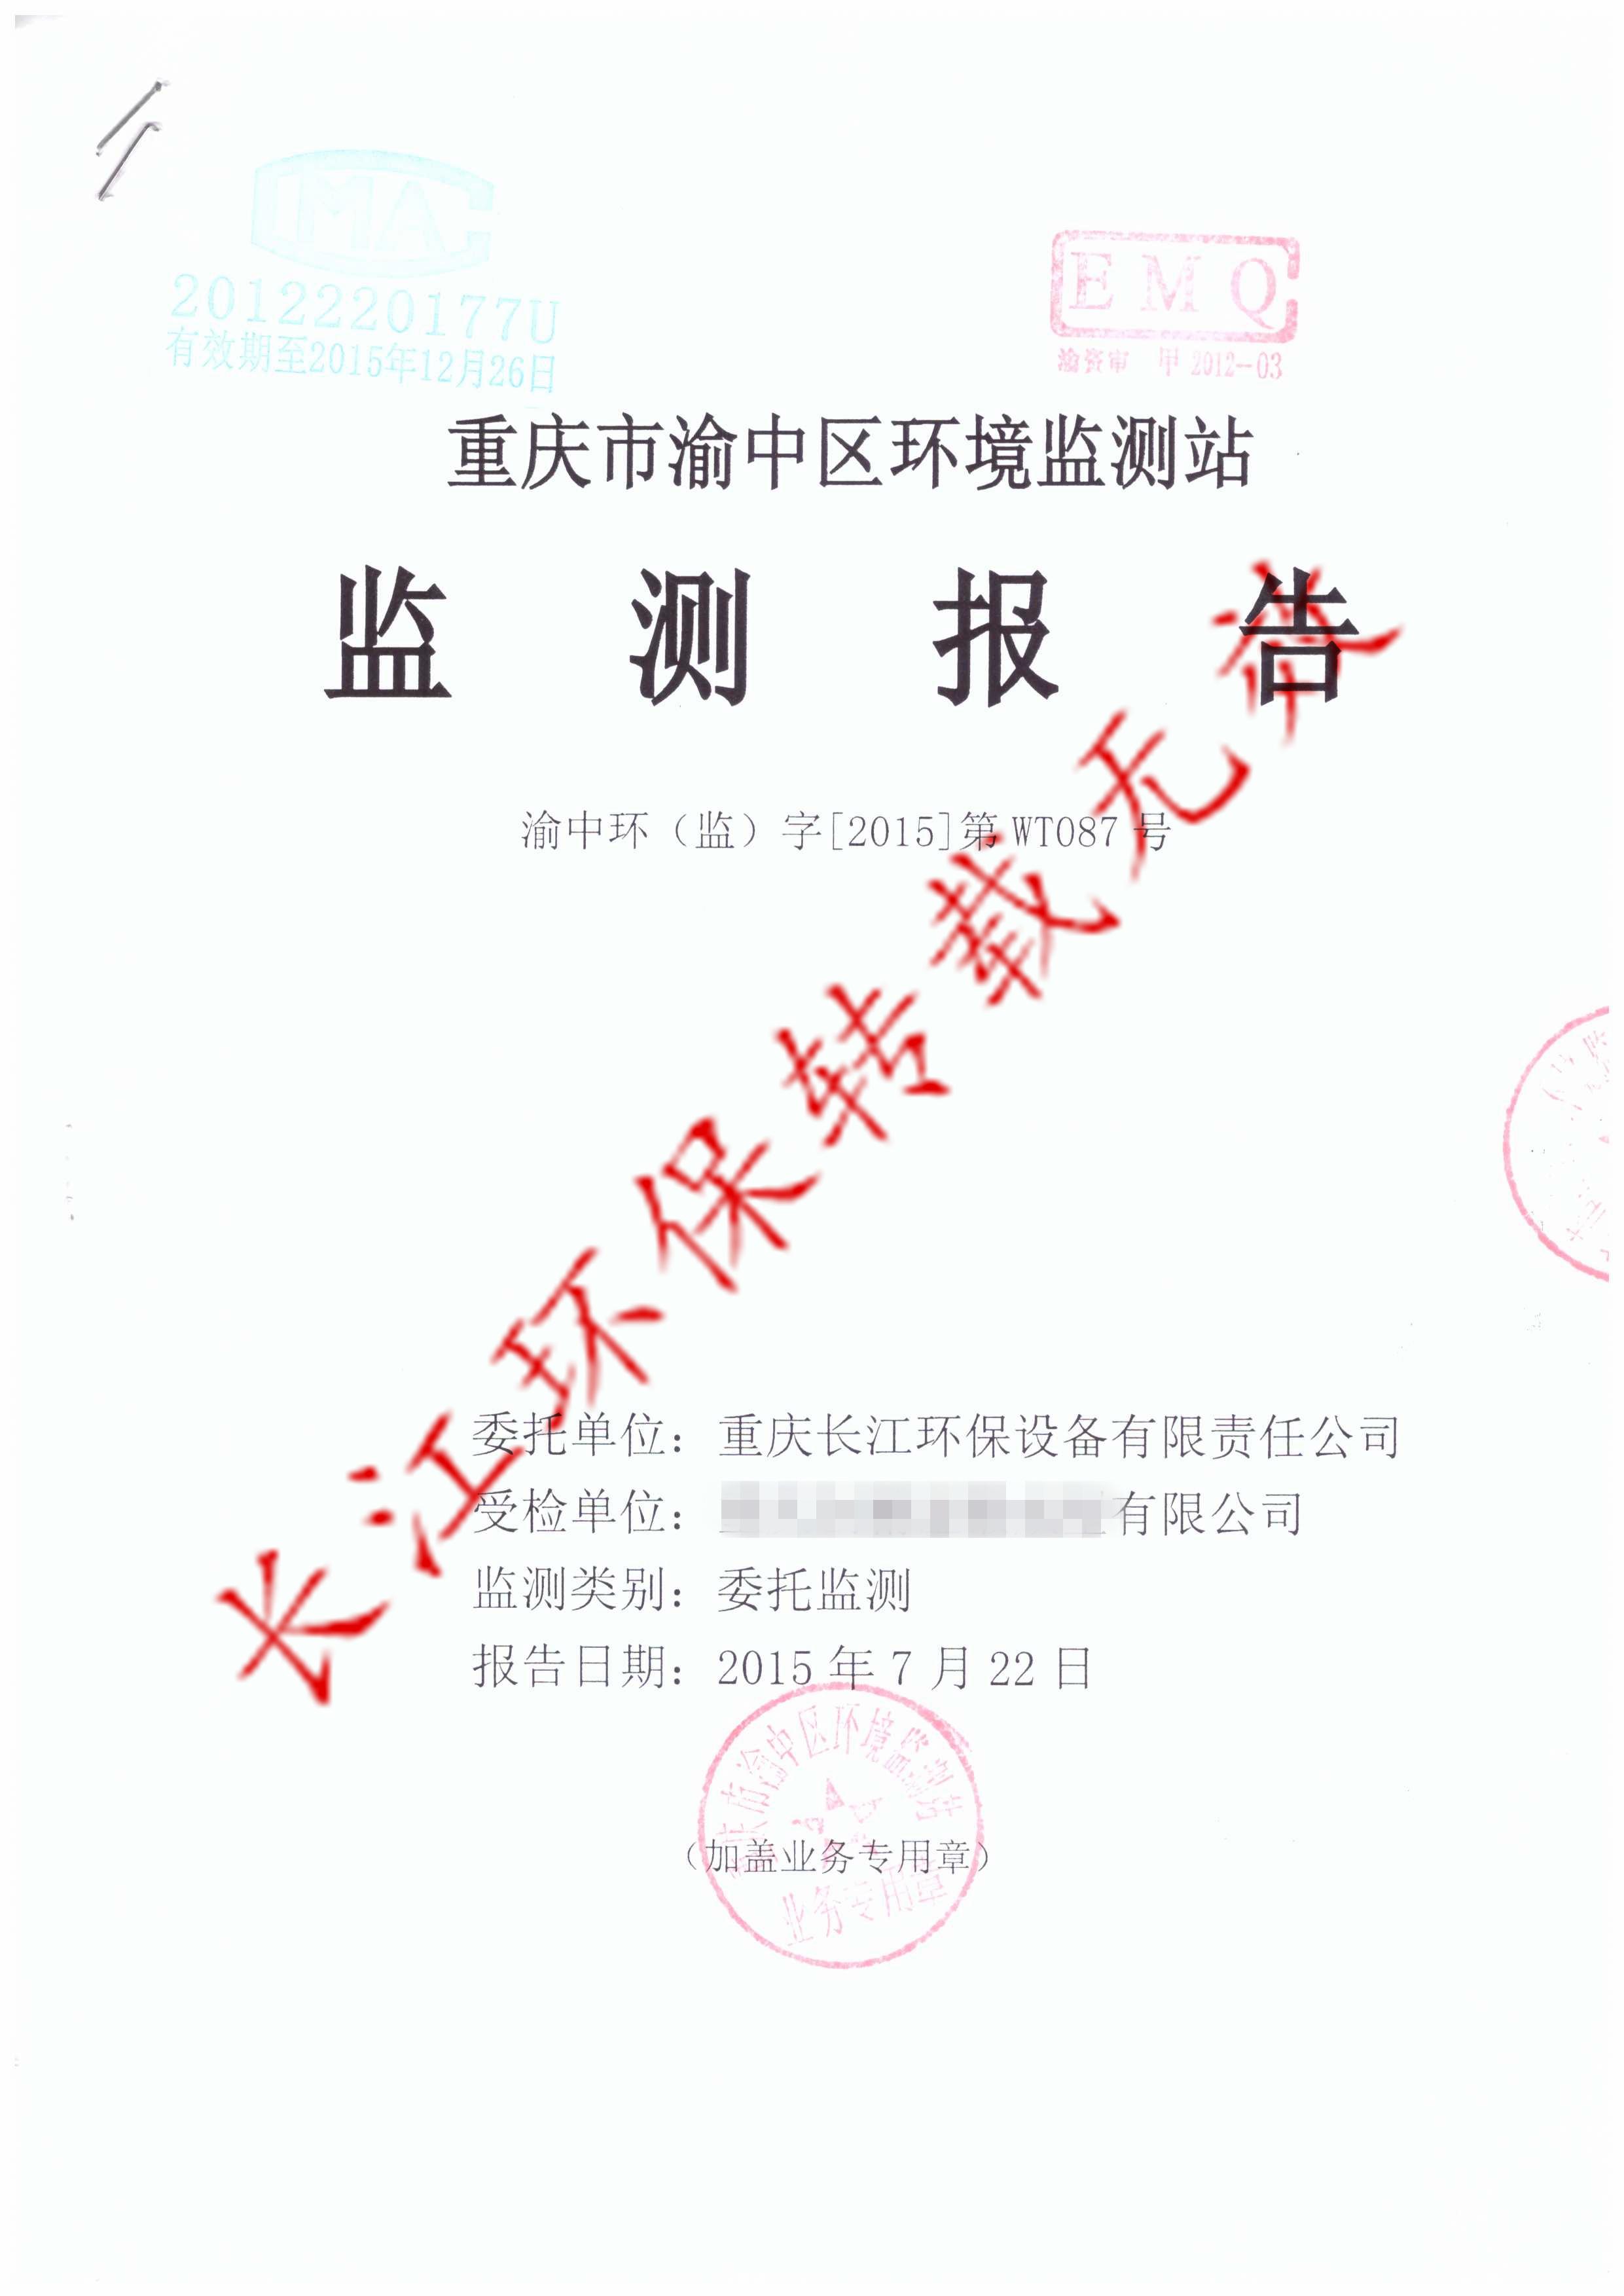 鍛造廢氣治理工程完工監測合格報告